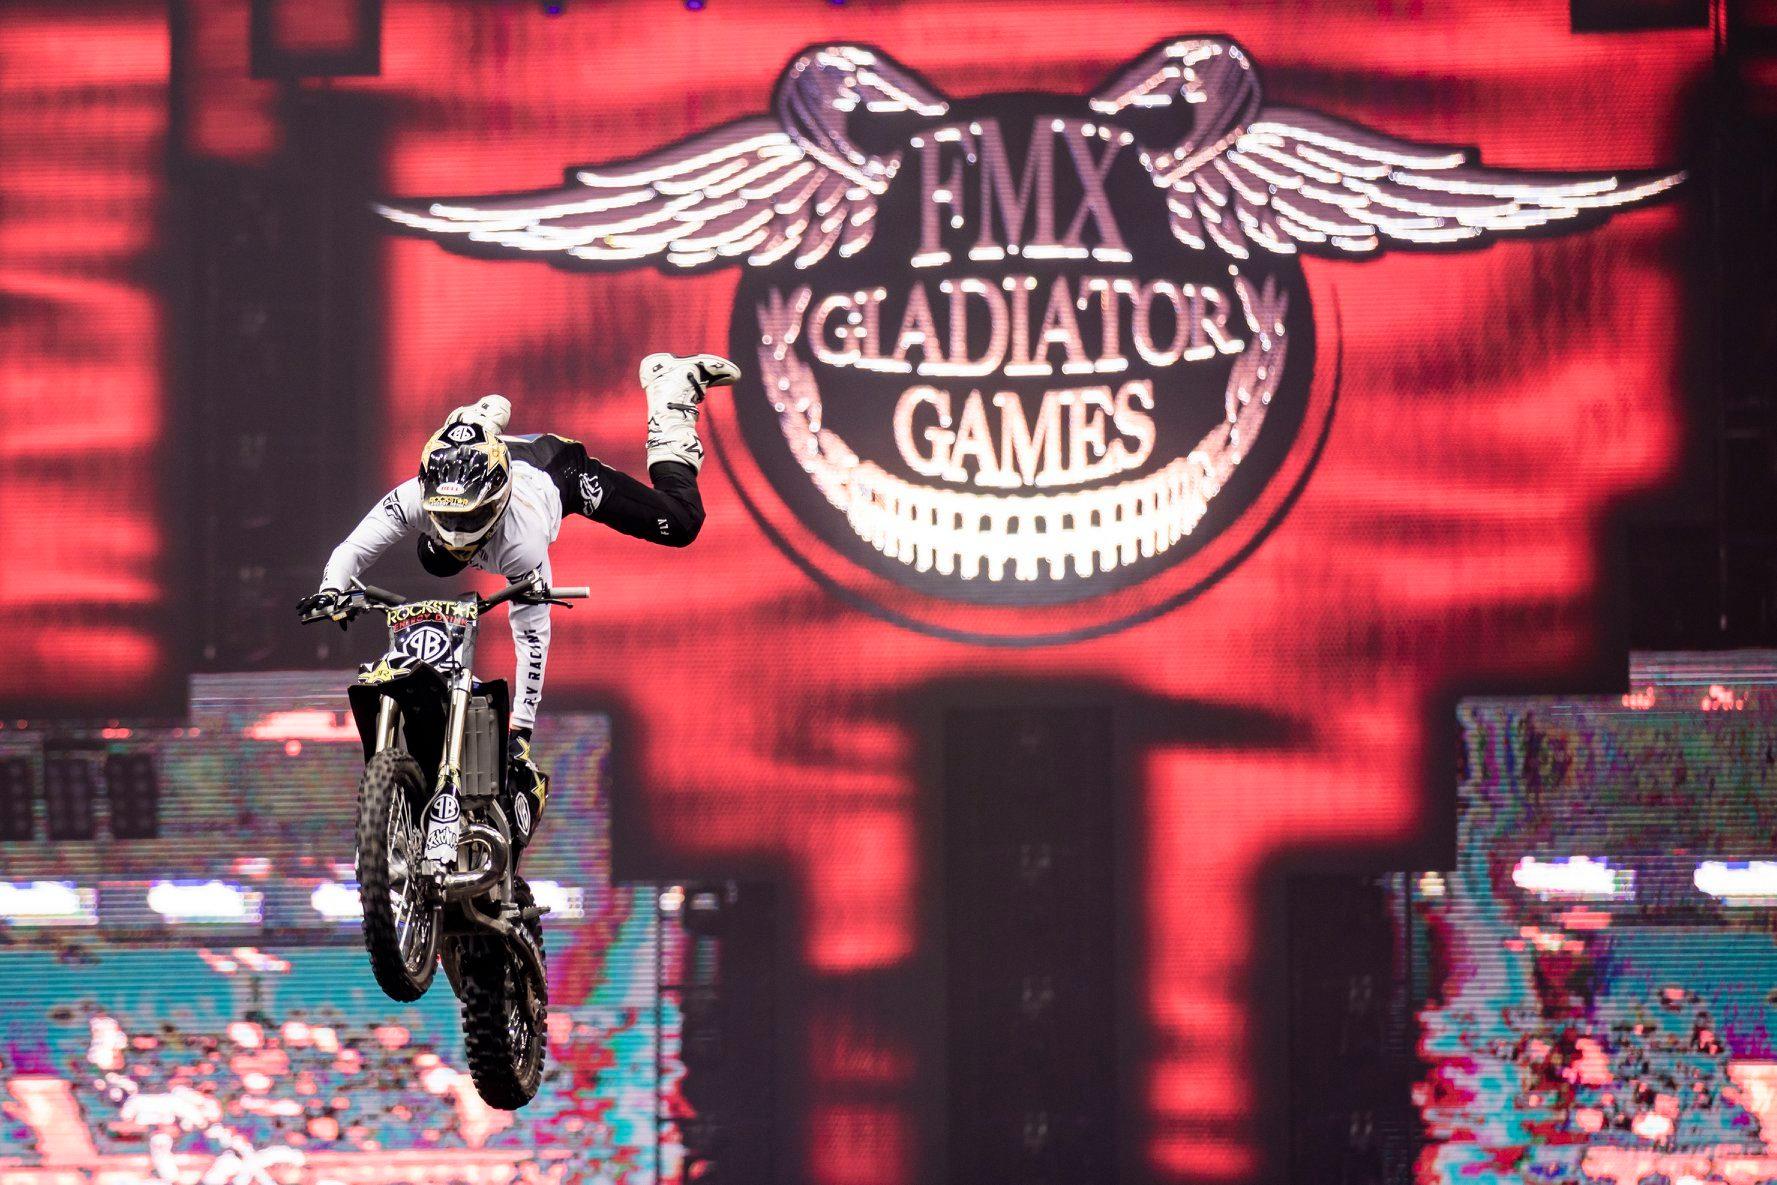 FMX Gladiator Games znovu vyprodaly O2 arénu a připravuje se již 20. ročník